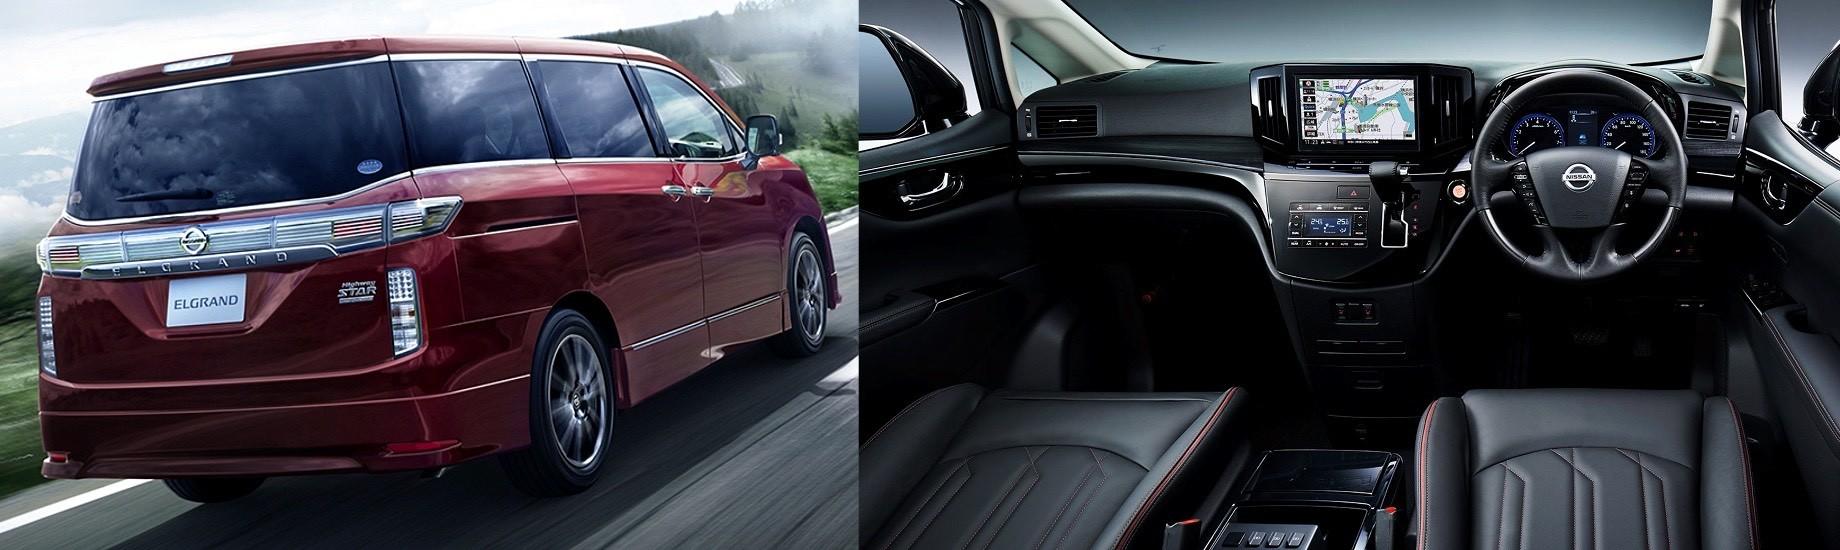 После обновления Nissan Elgrand стал богаче снаружи ивнутри